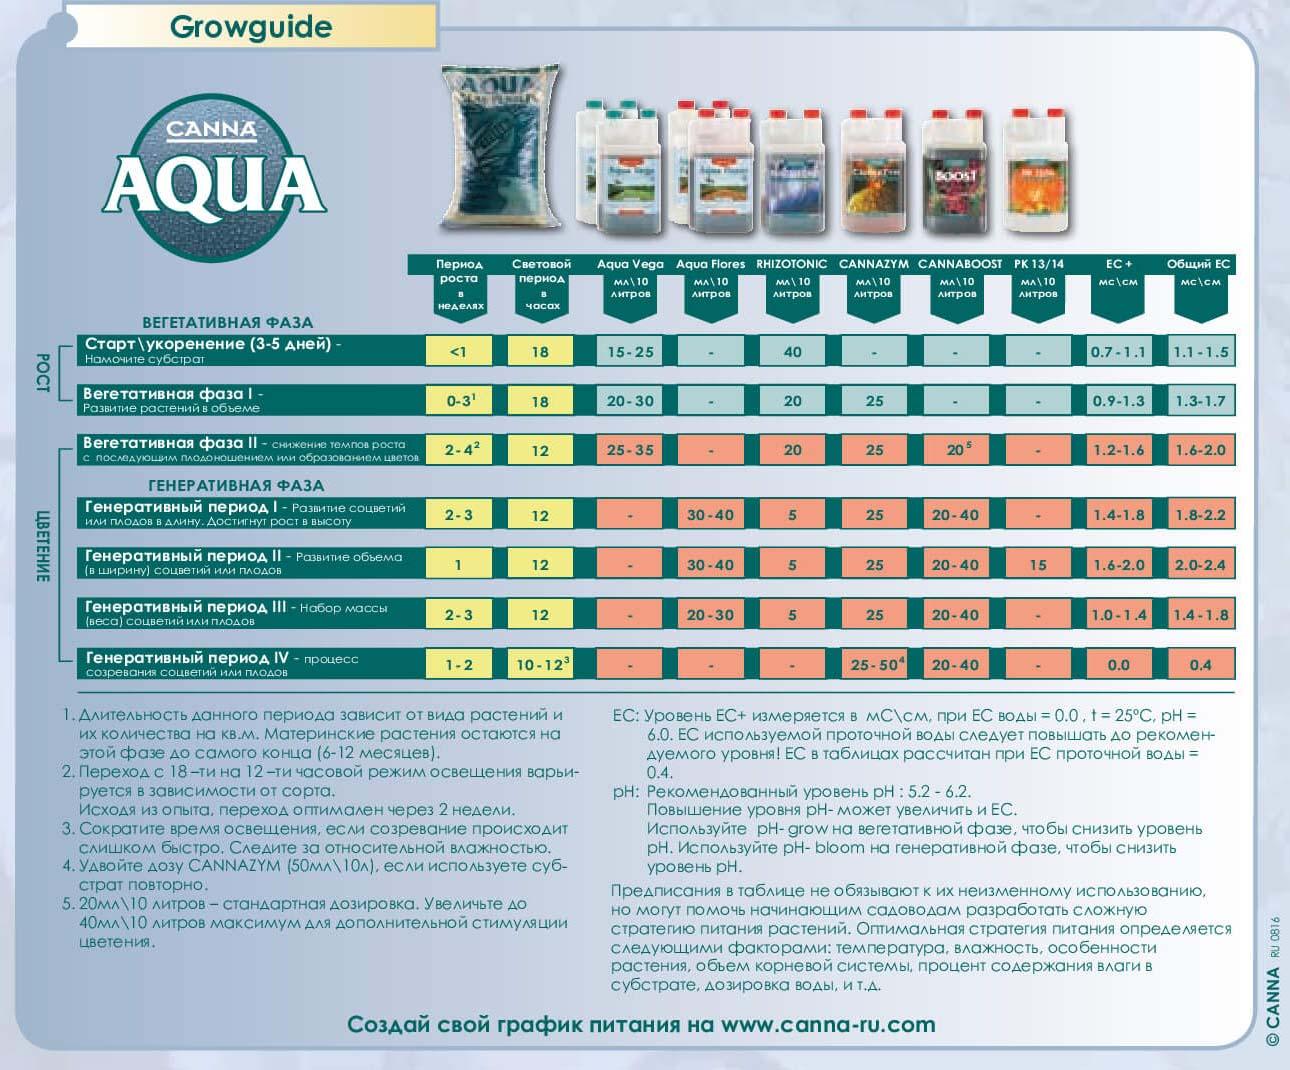 таблица кормления canna aqua